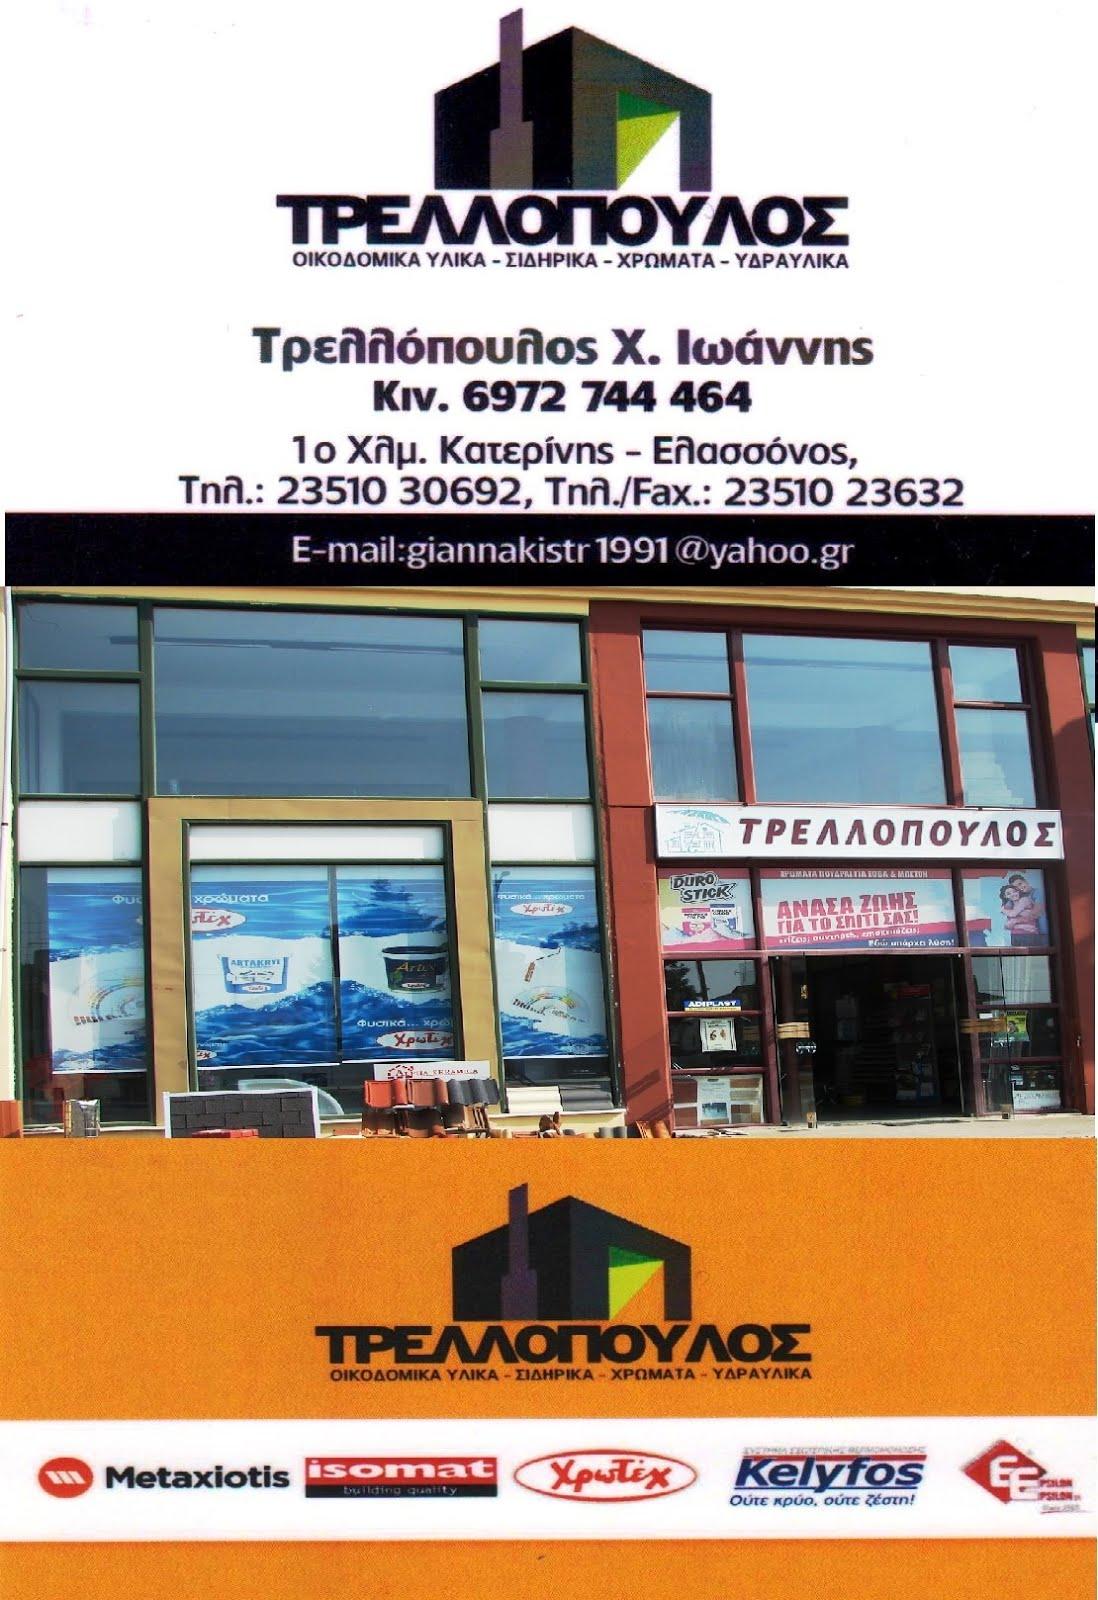 ΤΡΕΛΛΟΠΟΥΛΟΣ Οικοδομικά Υλικά-Σιδηρικά-Χρώματα